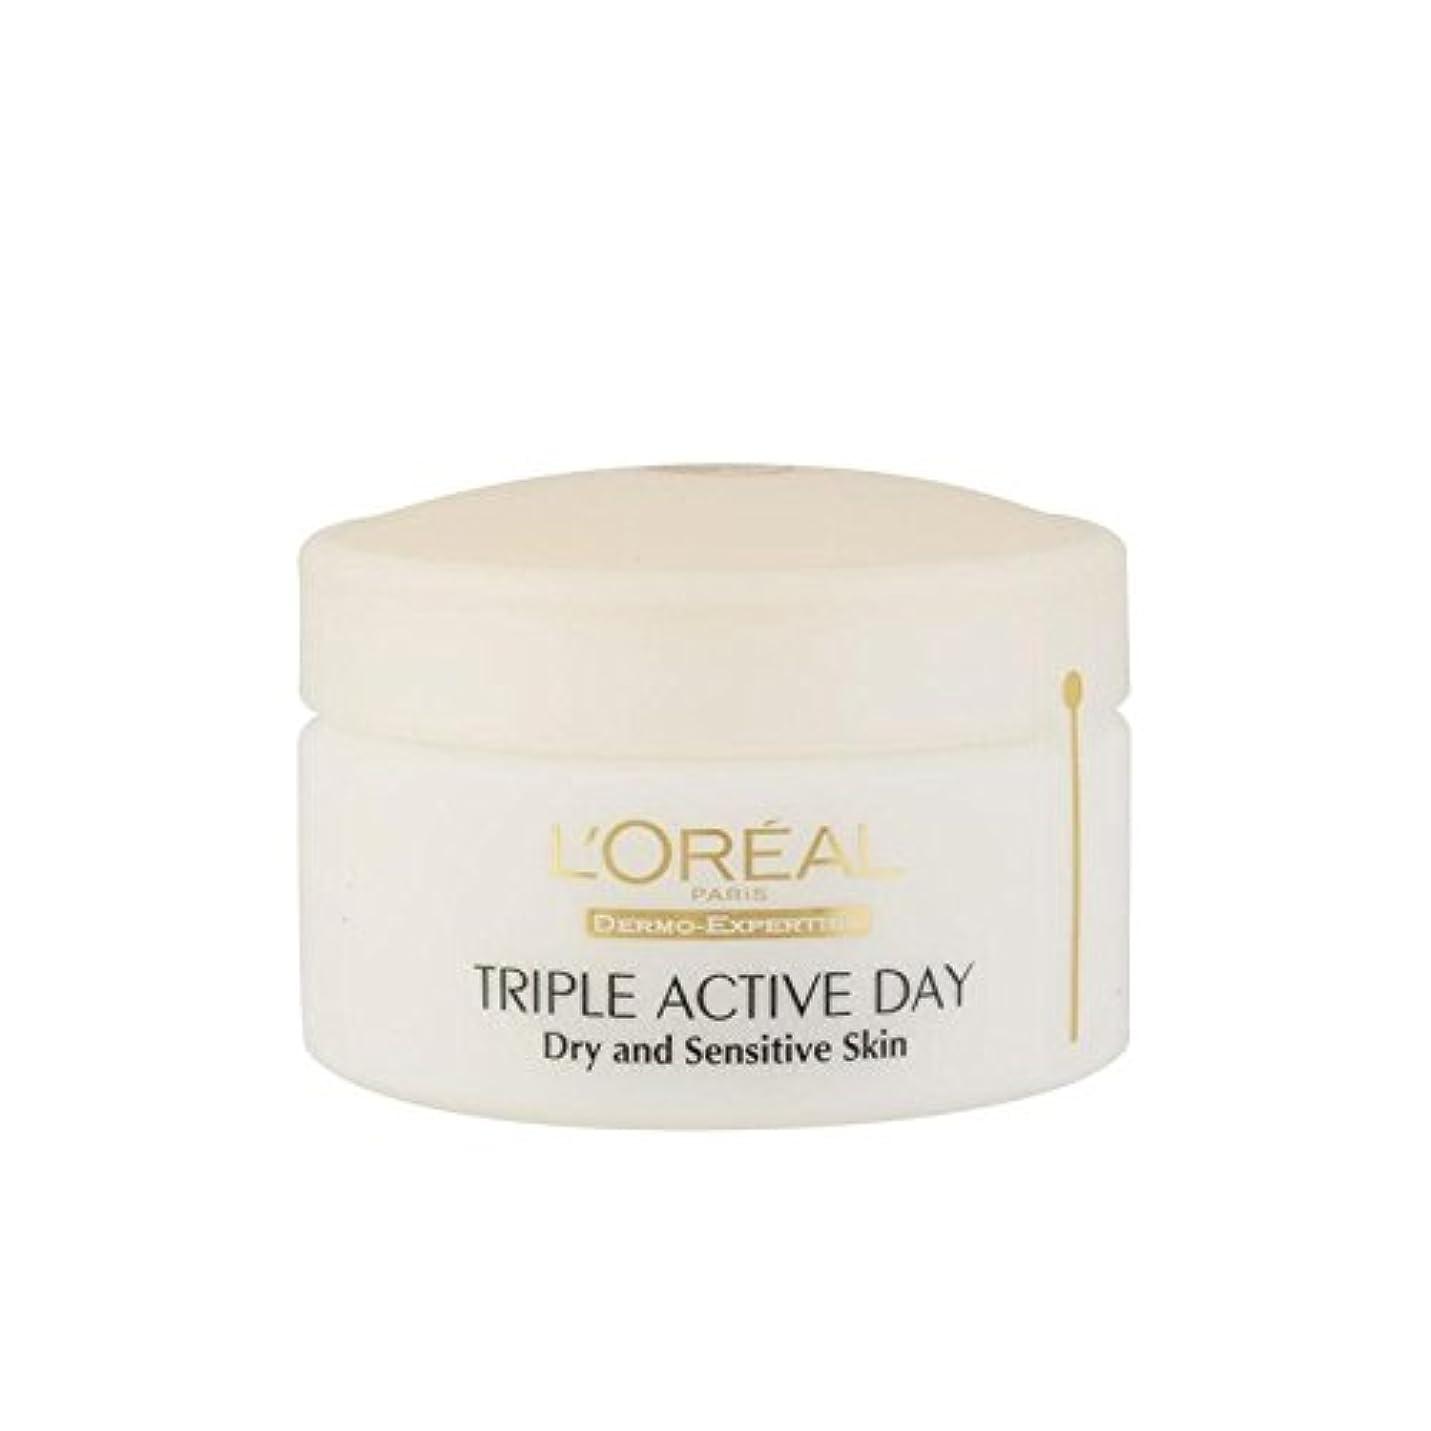 仕様妨げる食事ロレアルパリ、真皮の専門知識トリプルアクティブな一日のマルチ保護保湿 - ドライ/敏感肌(50ミリリットル) x4 - L'Oreal Paris Dermo Expertise Triple Active Day Multi-Protection...